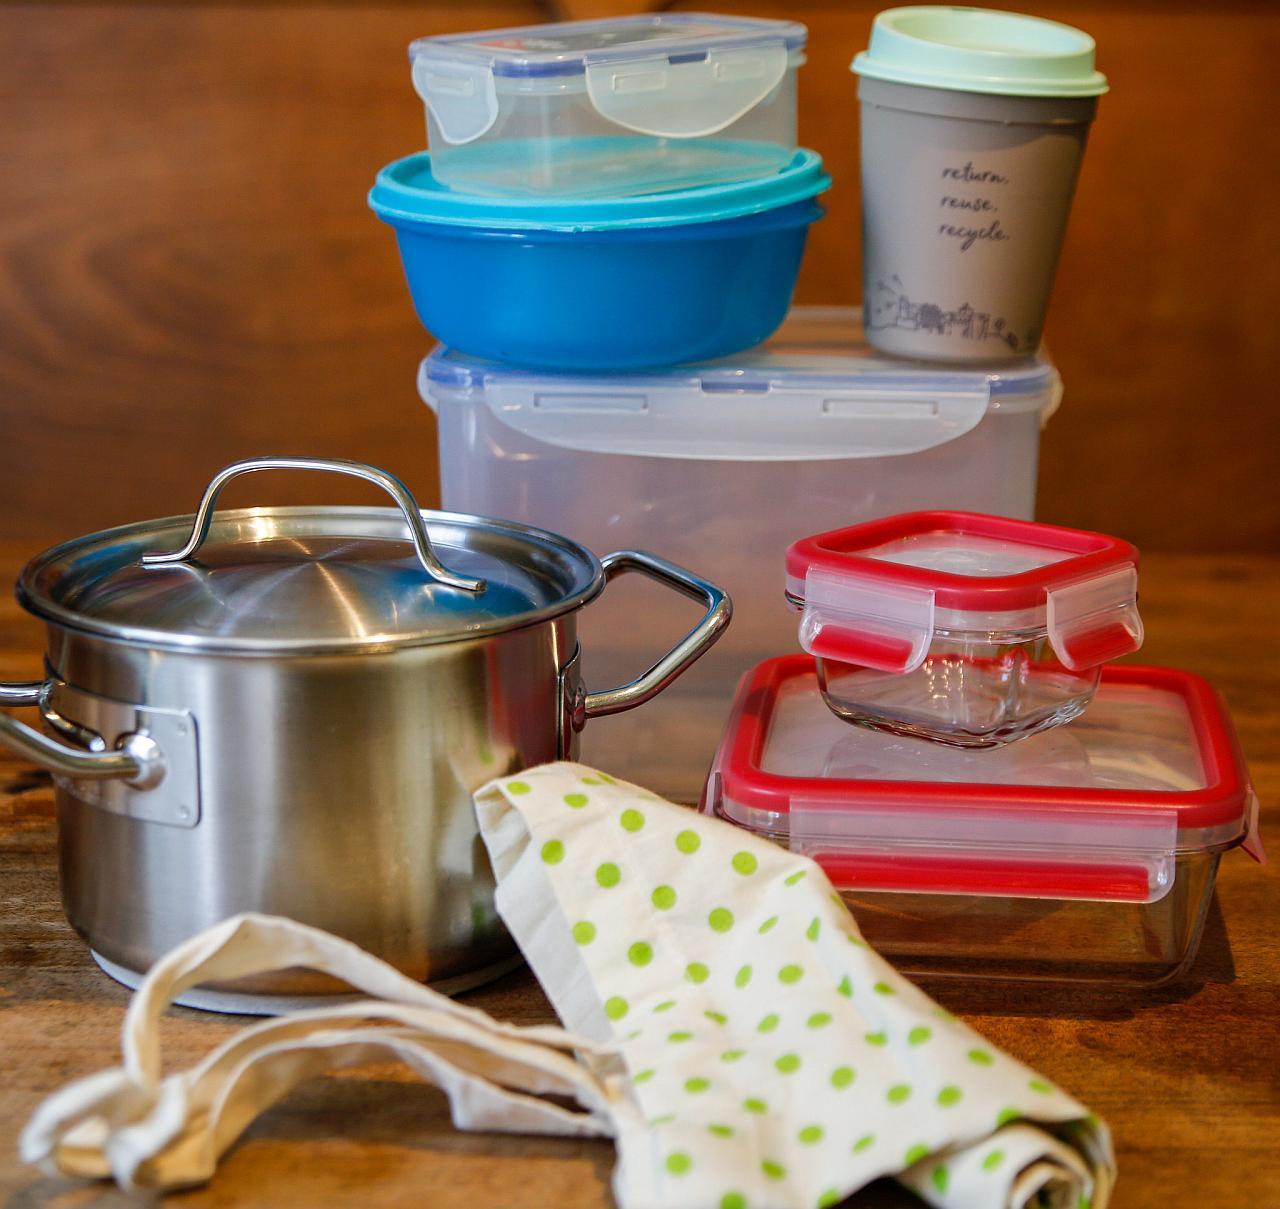 ToGo: Becher, Dose, Glasbox, Tasche, Topf, wiederverwendbar. Foto: Valentin Bachem